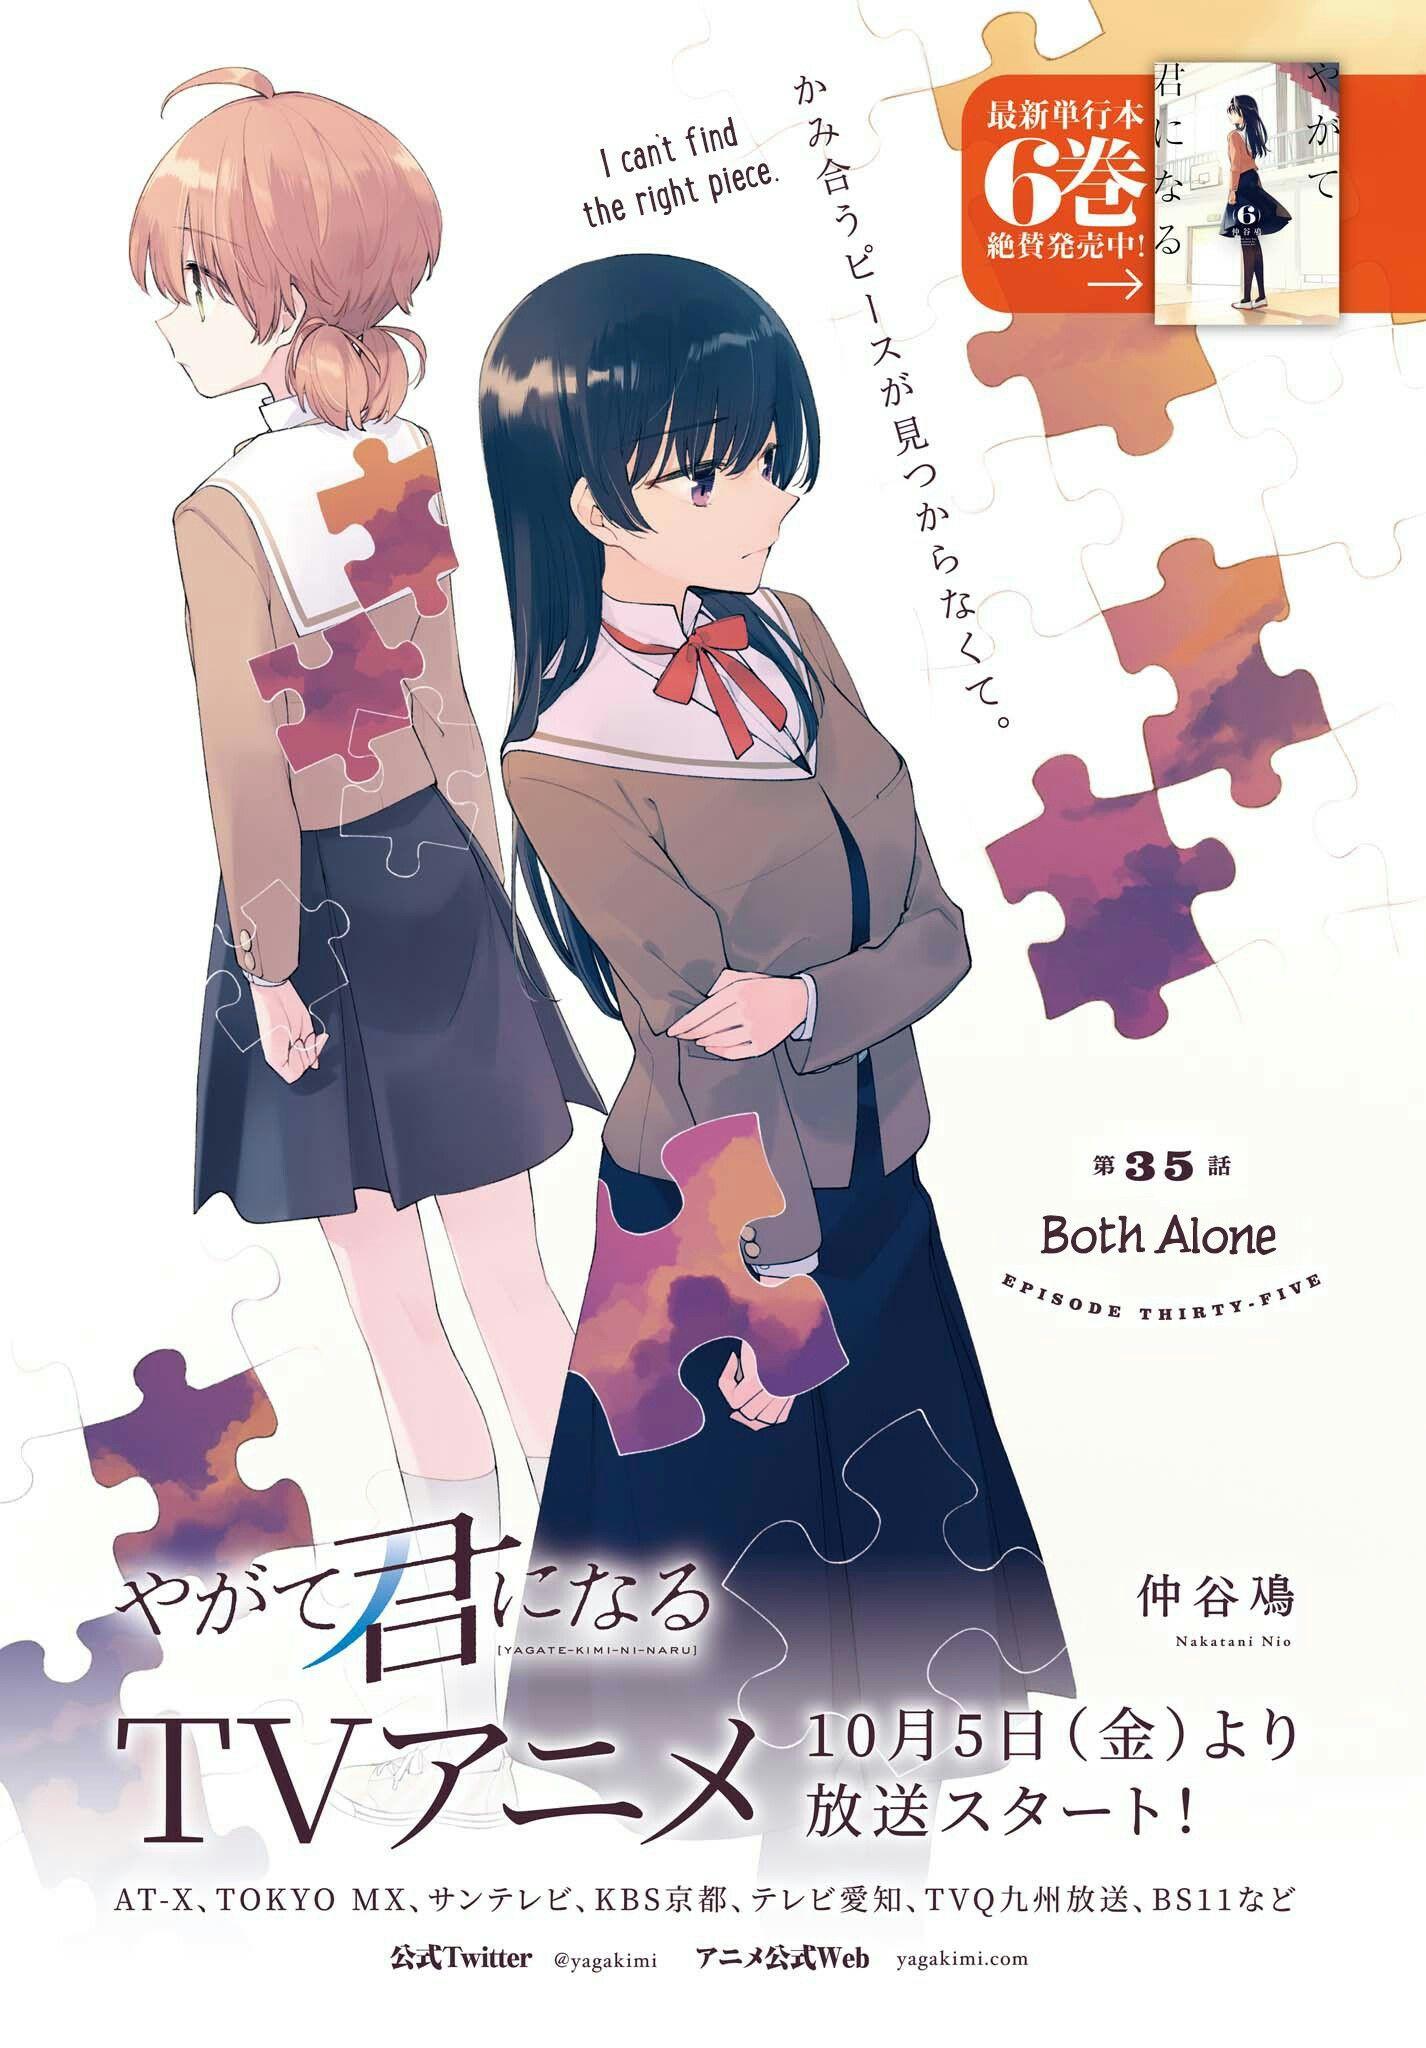 Yagate Kimi Ni Naru Bloom Into You Yuri Anime Anime Kawaii Anime